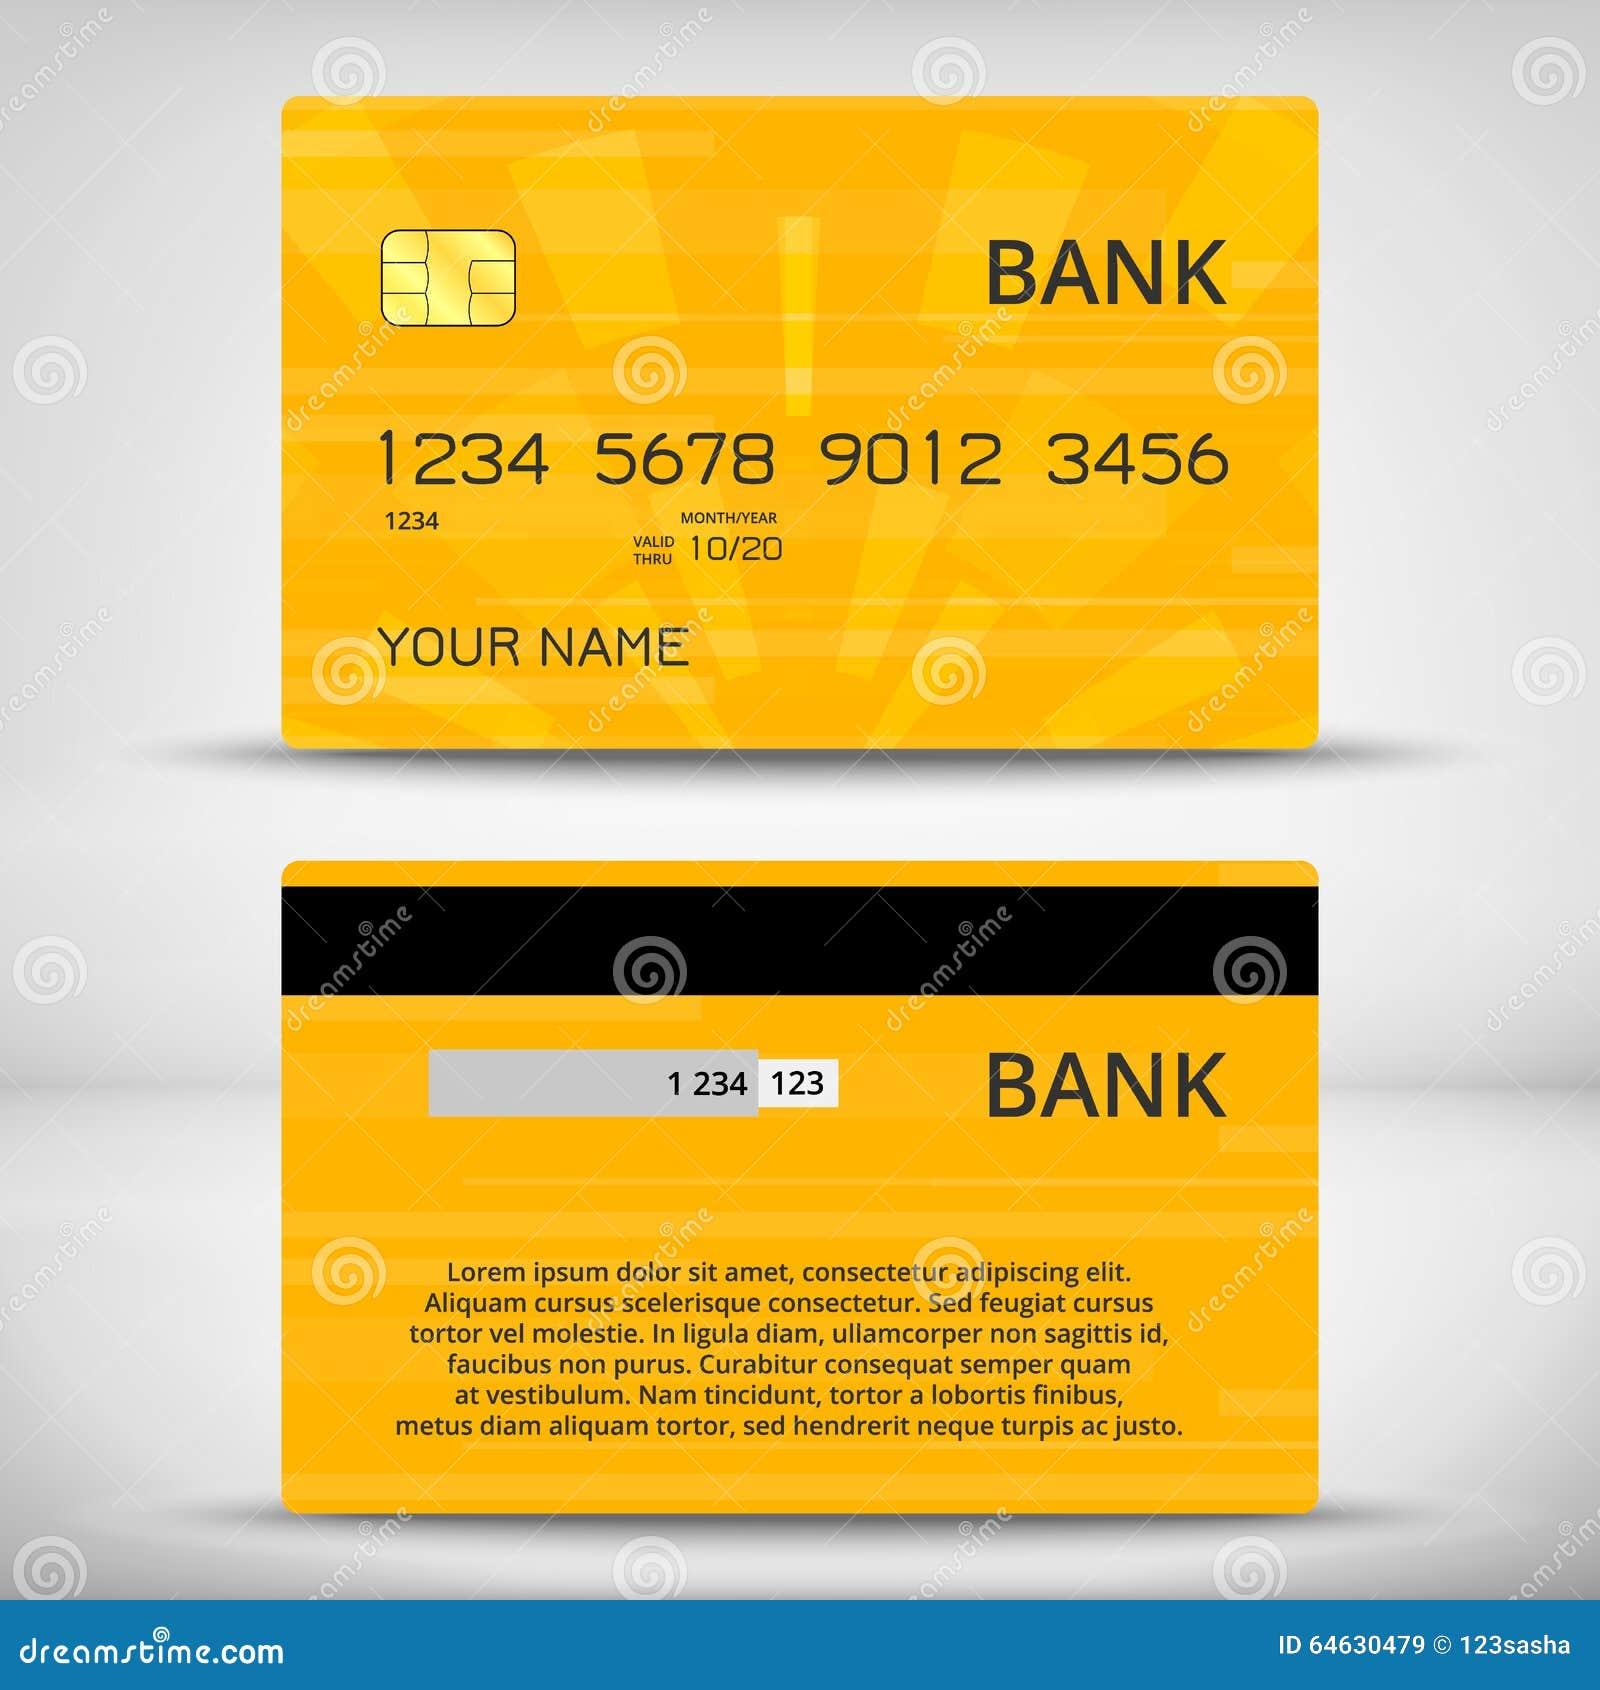 Lujoso Plantilla De Sitio Web De Tarjeta De Crédito Imagen - Ejemplo ...